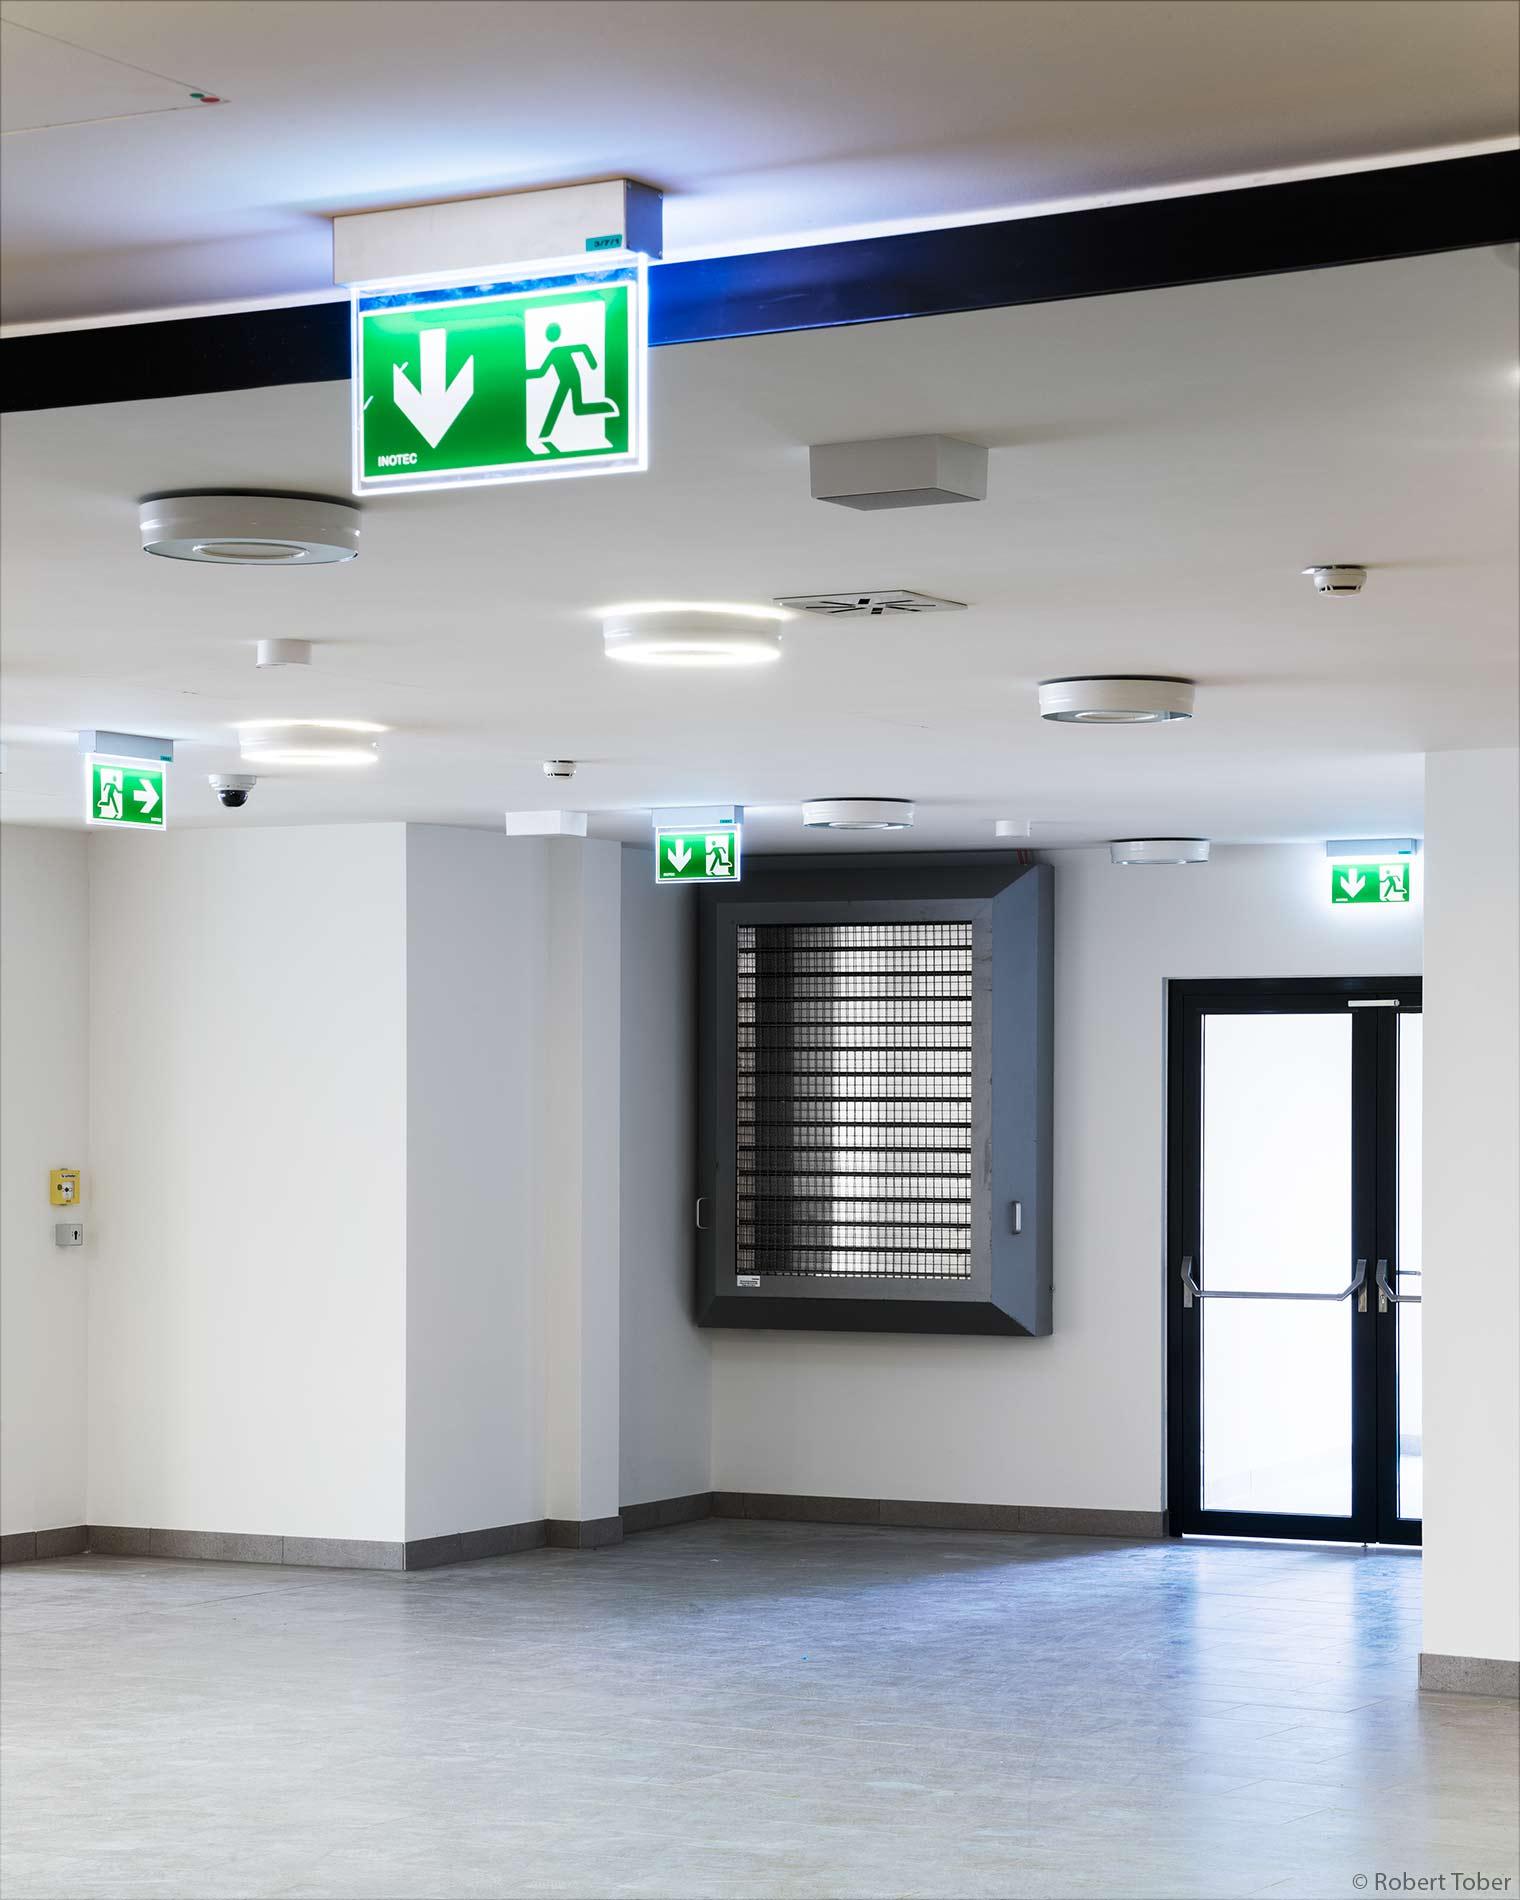 Landesklinikum Mistelbach · Fluchtwegkennzeichnung, Paniktürverschluss mit horizontaler Betätigungsstange nach DIN EN 1125, Brandrauch-Abzugsklappen / Entlüftungsklappen · © Robert Tober Architekturfotograf